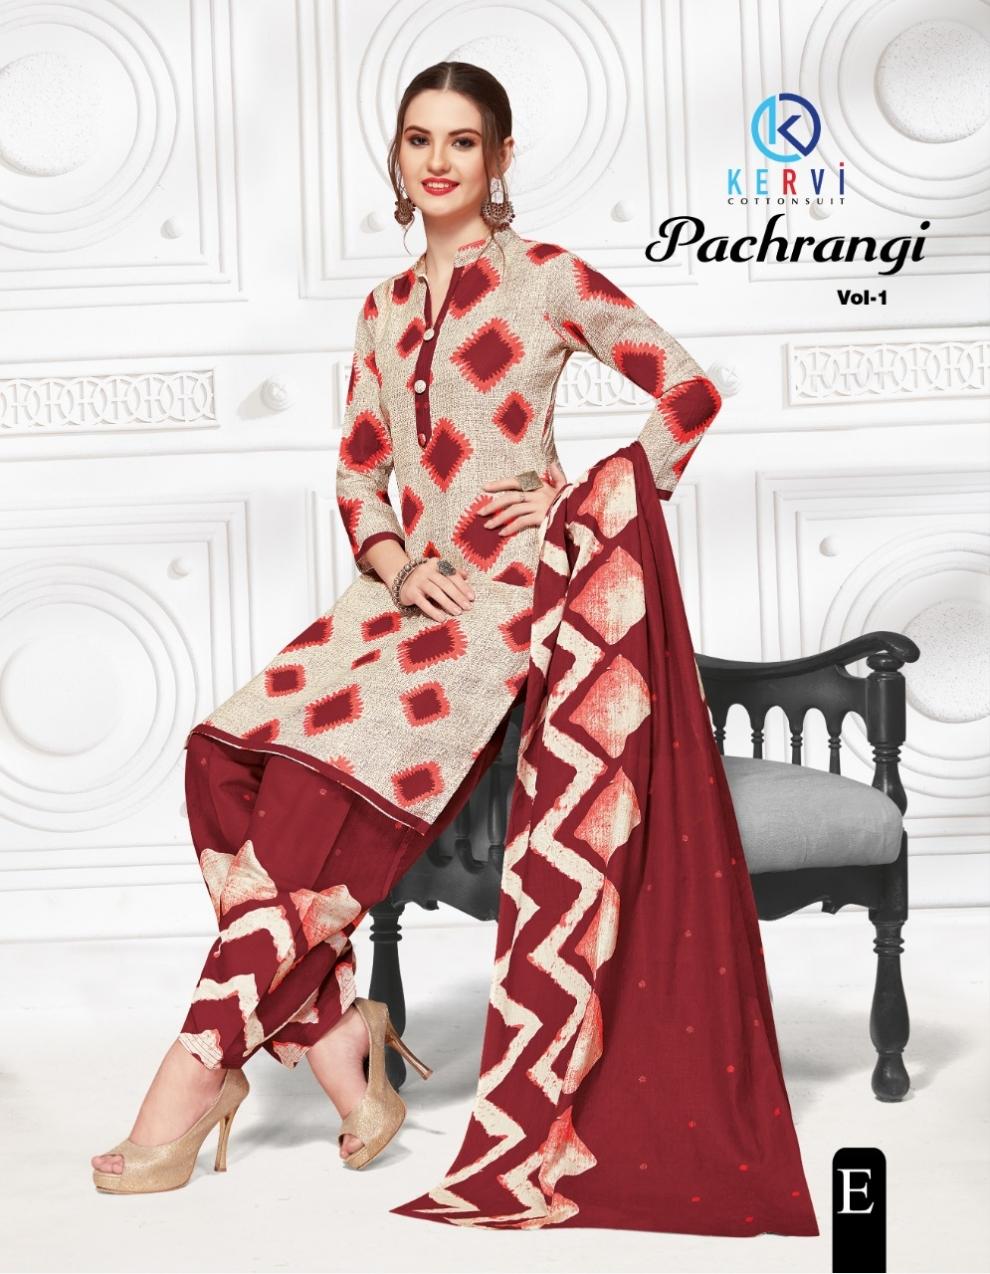 Kervi Pari Pachrangi (9)